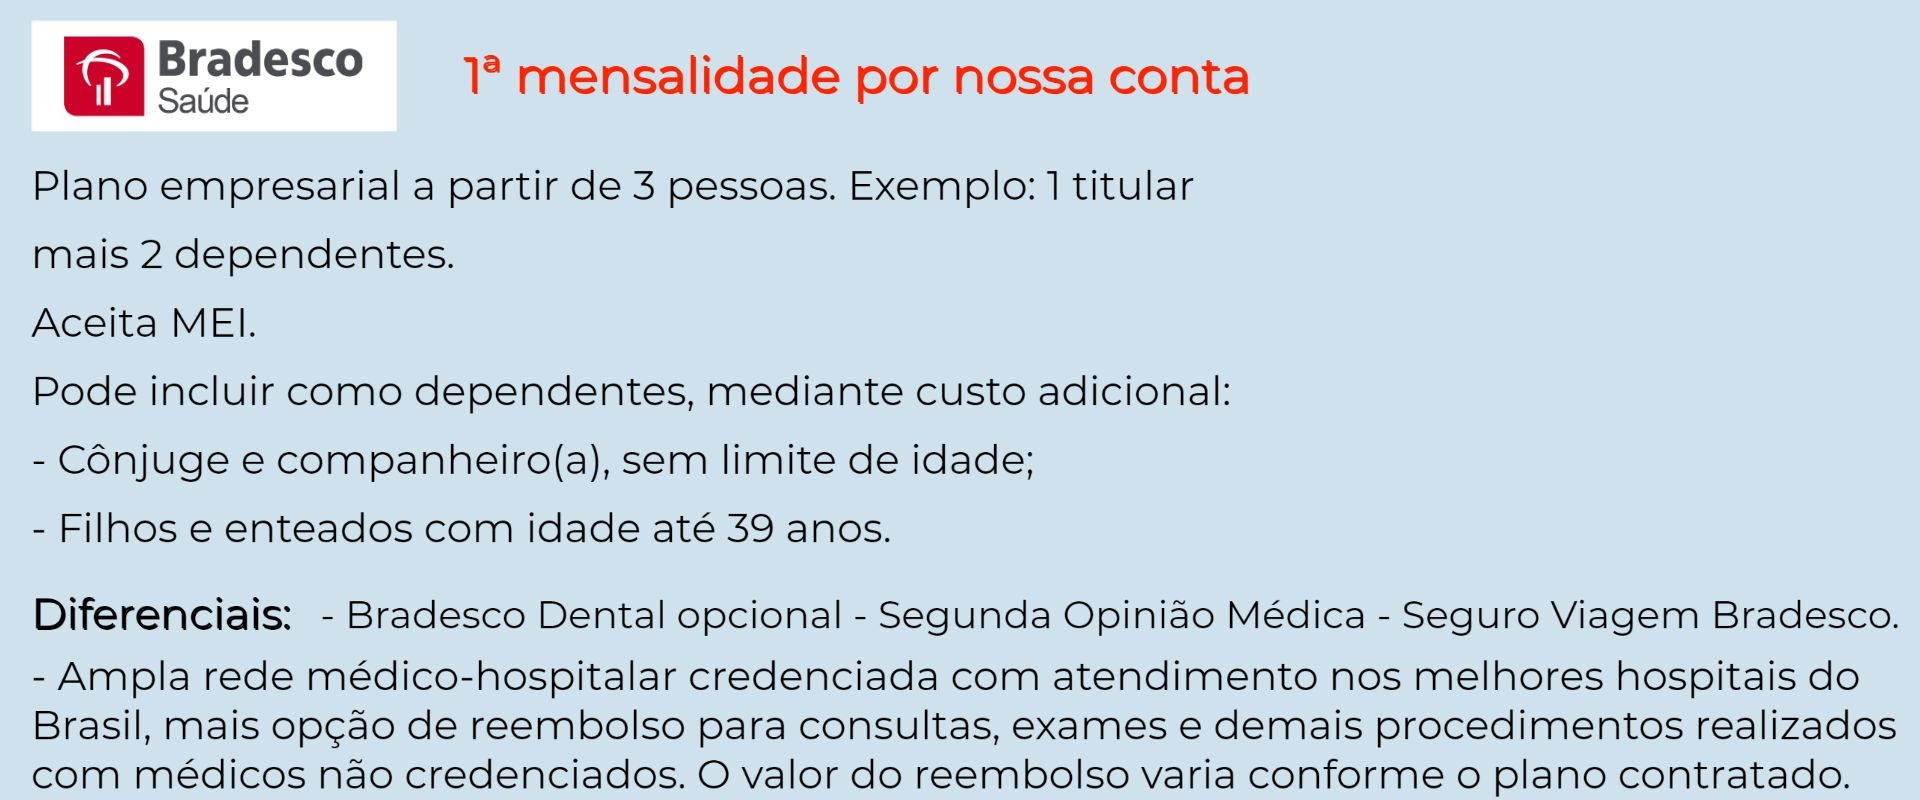 Bradesco Saúde Empresarial - Dracena